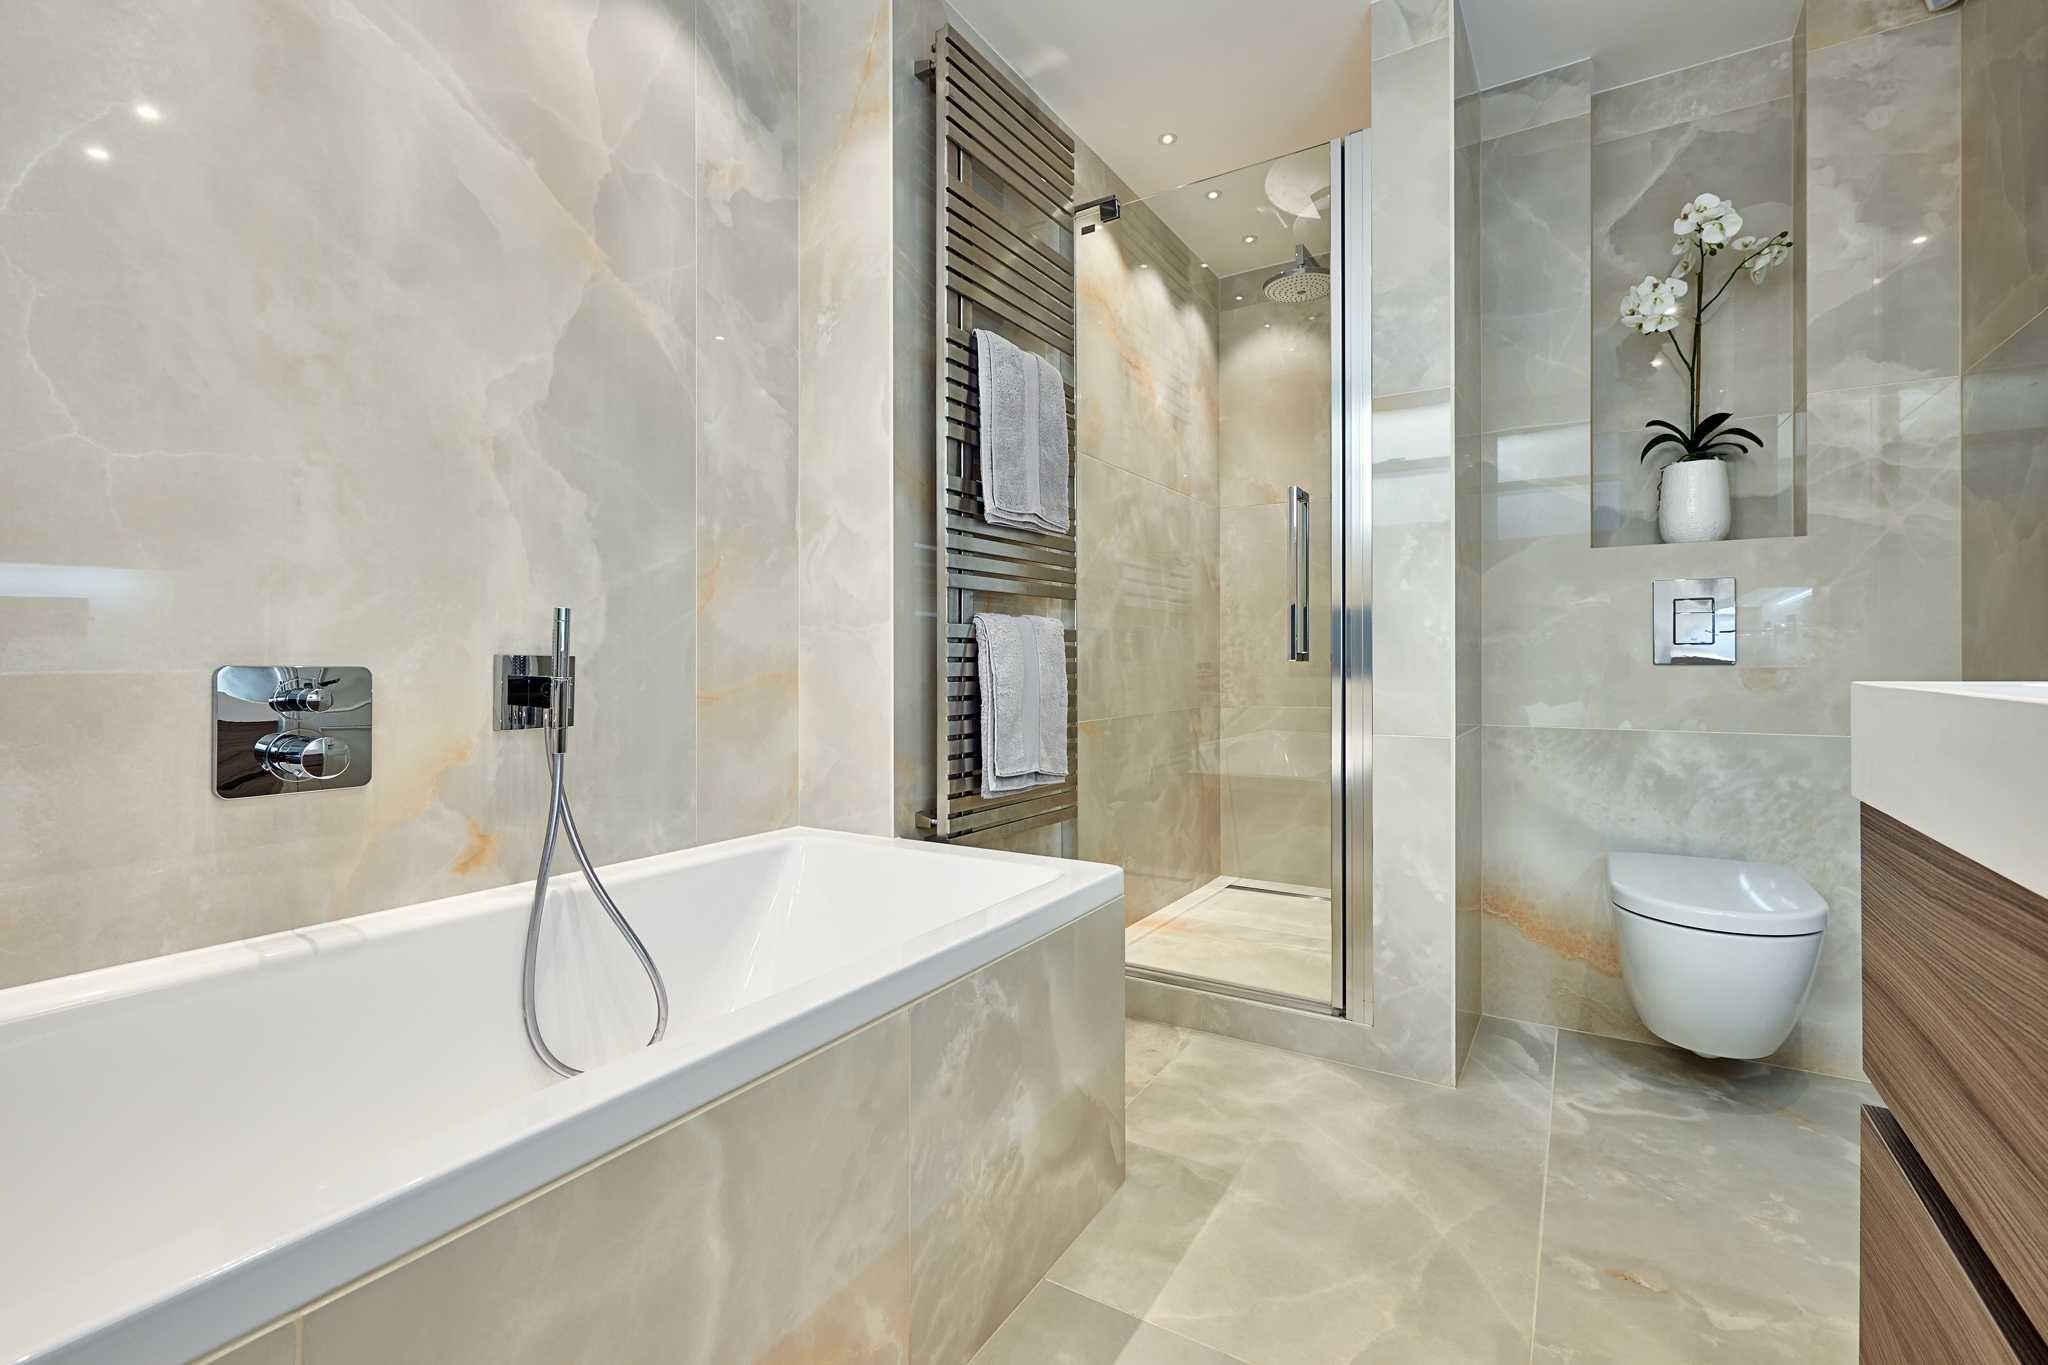 onyx bathroom shower surrounds menards